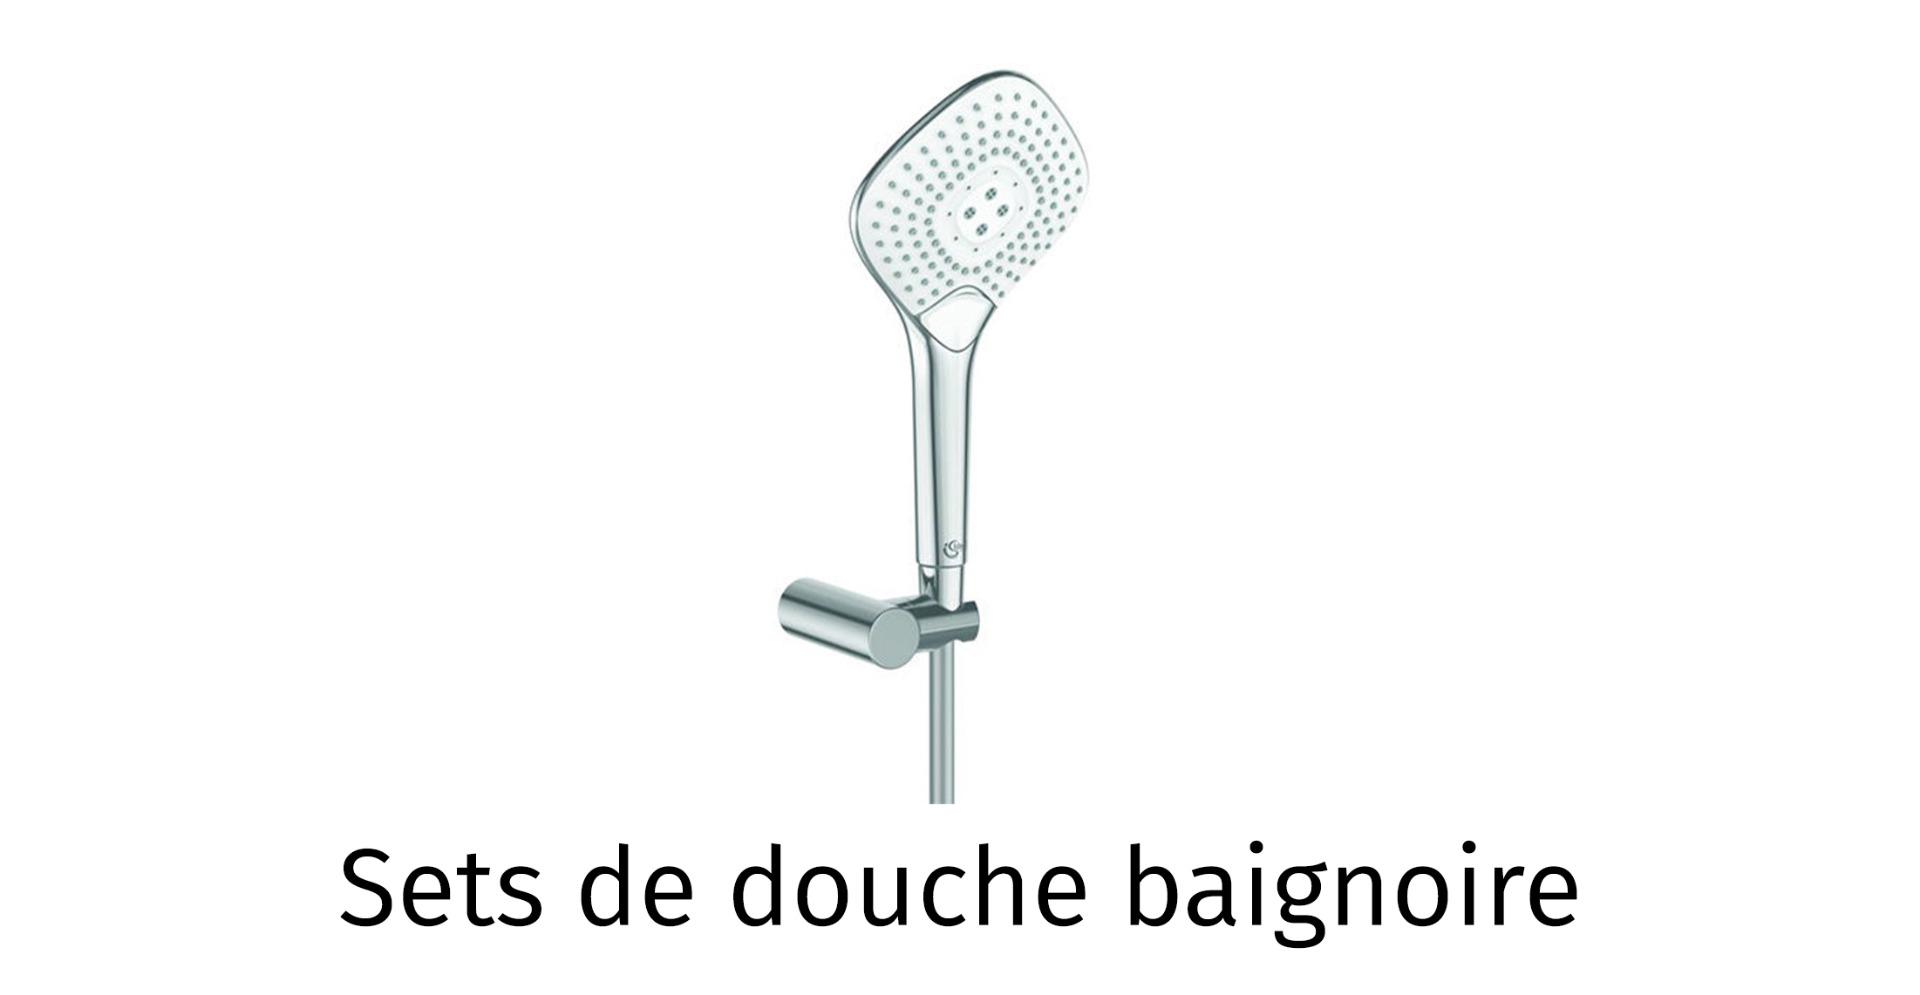 Sets de douche baignoire